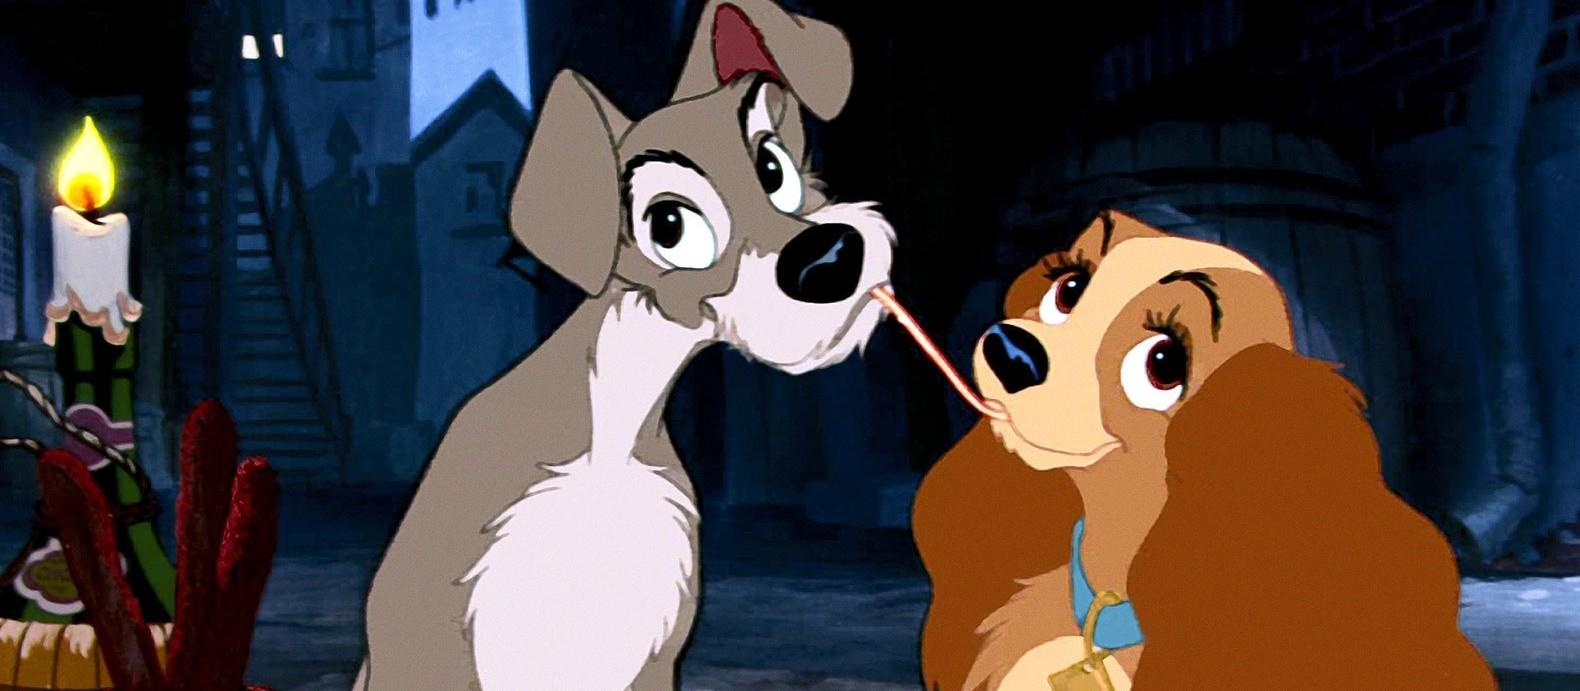 Disney e o seu pioneirismo da animação clássica